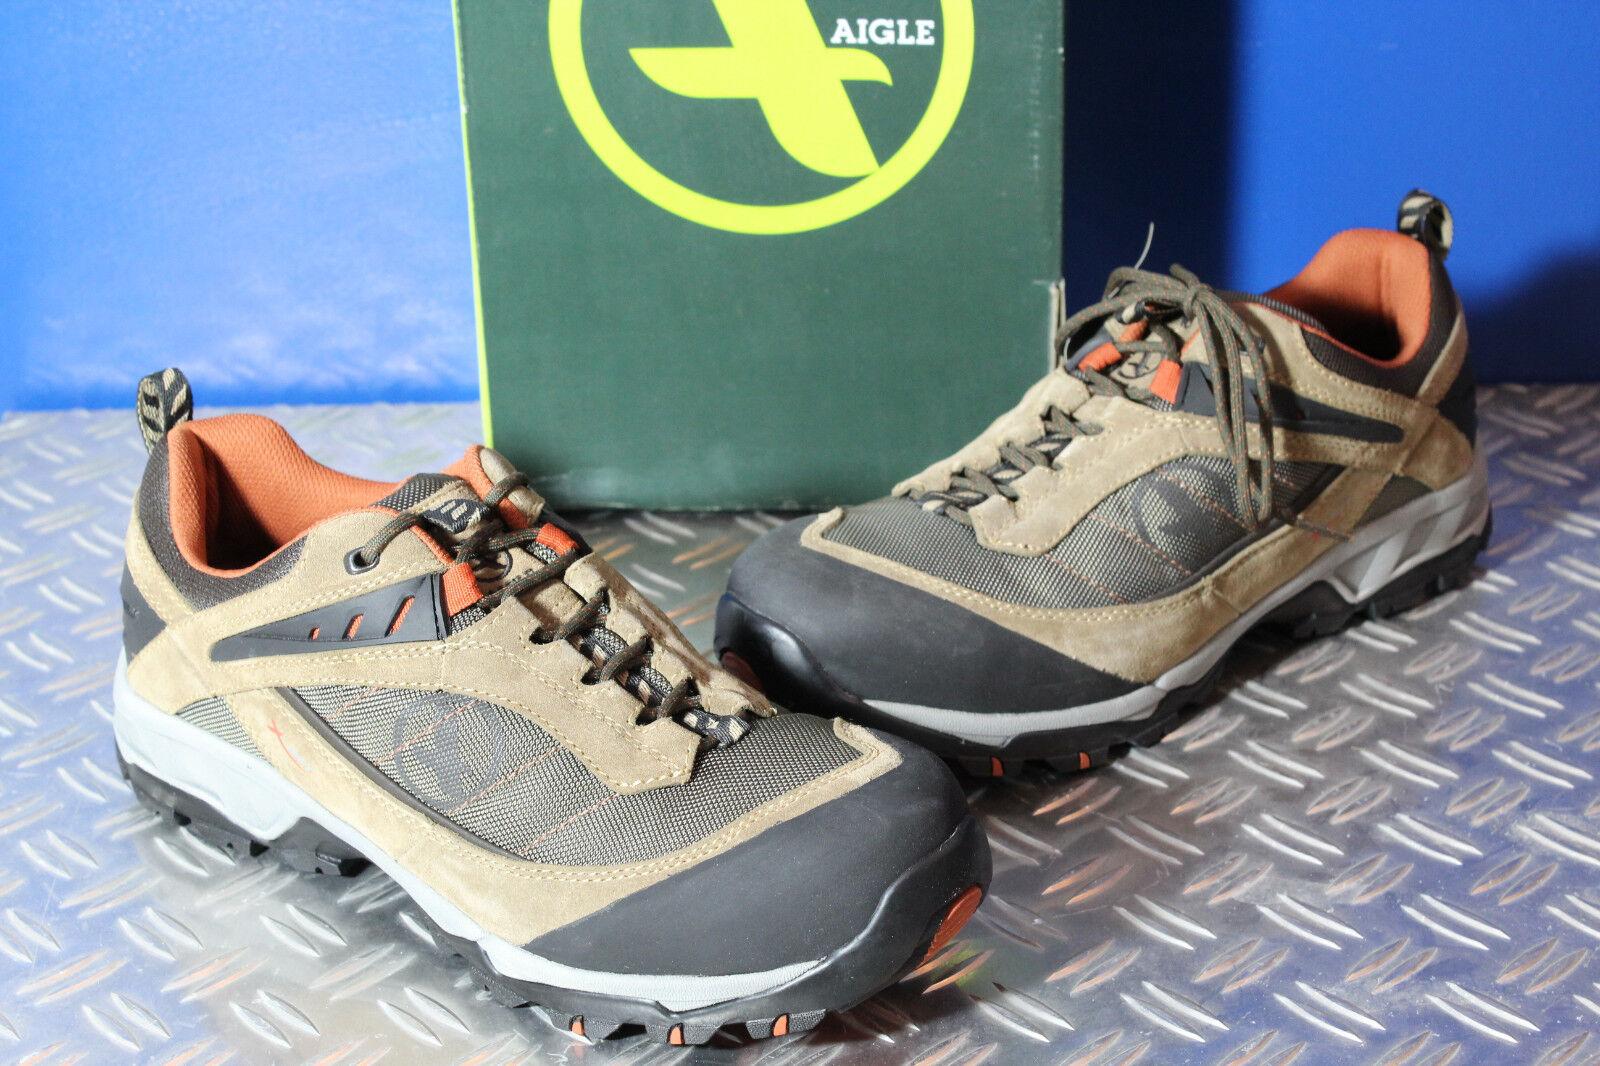 AIGLE Outdoor Wanderschuhe Textil Trekking Schuhe Stiefel Wildleder Textil Wanderschuhe terra braun 45 2c709b